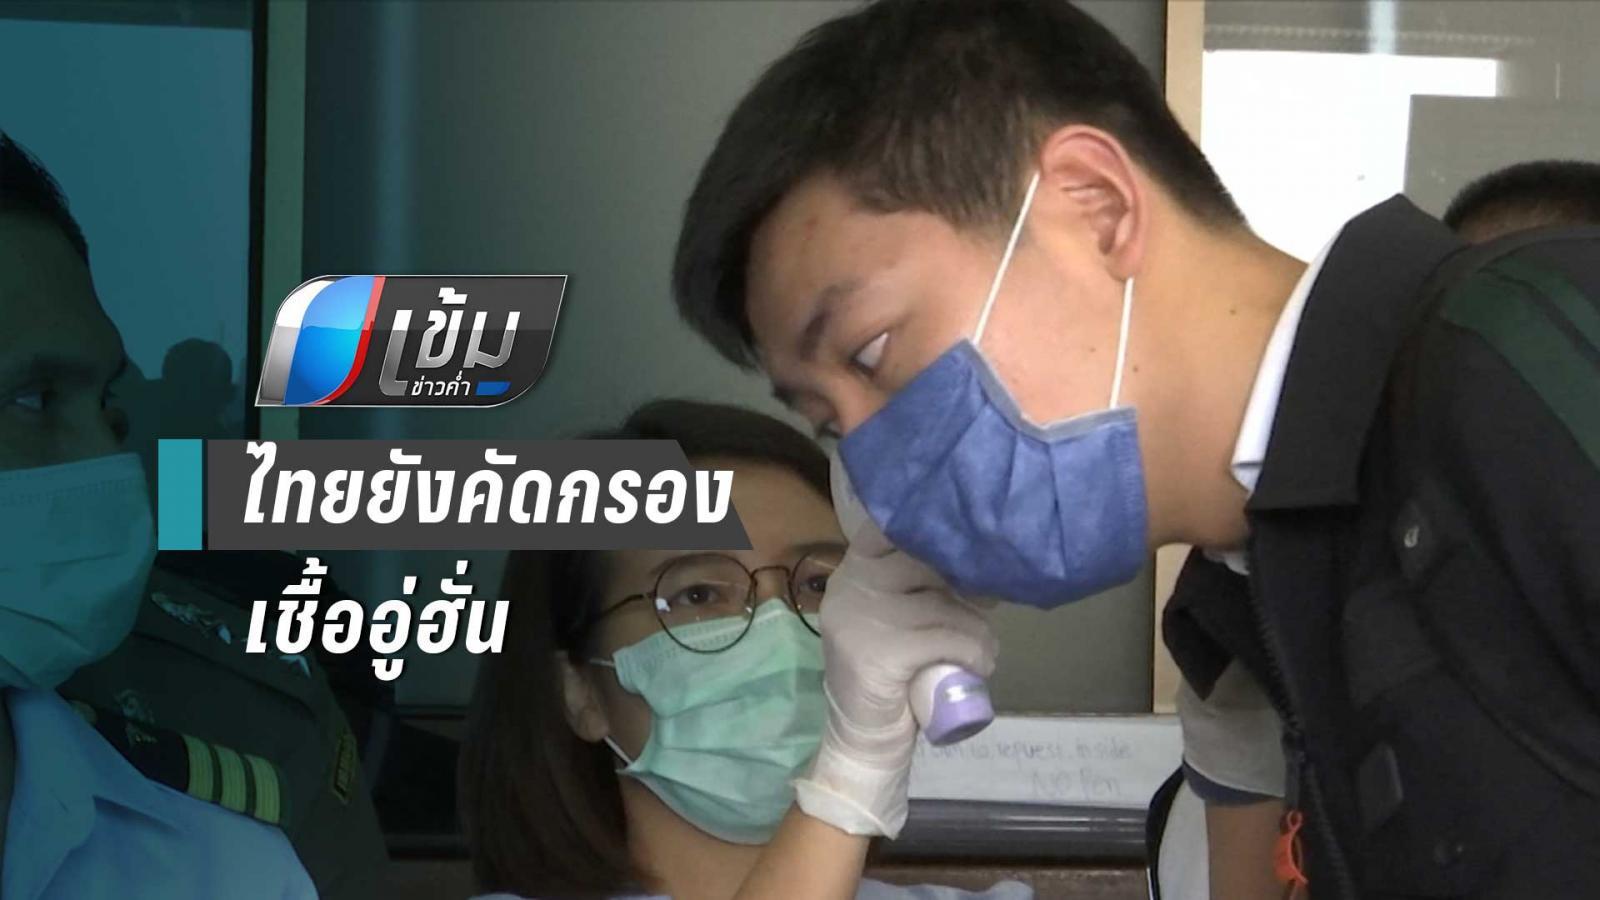 กรมควบคุมโรคยืนยันยังคัดกรอง นักท่องเที่ยวจีนเสี่ยงติดไวรัสโคโรนา